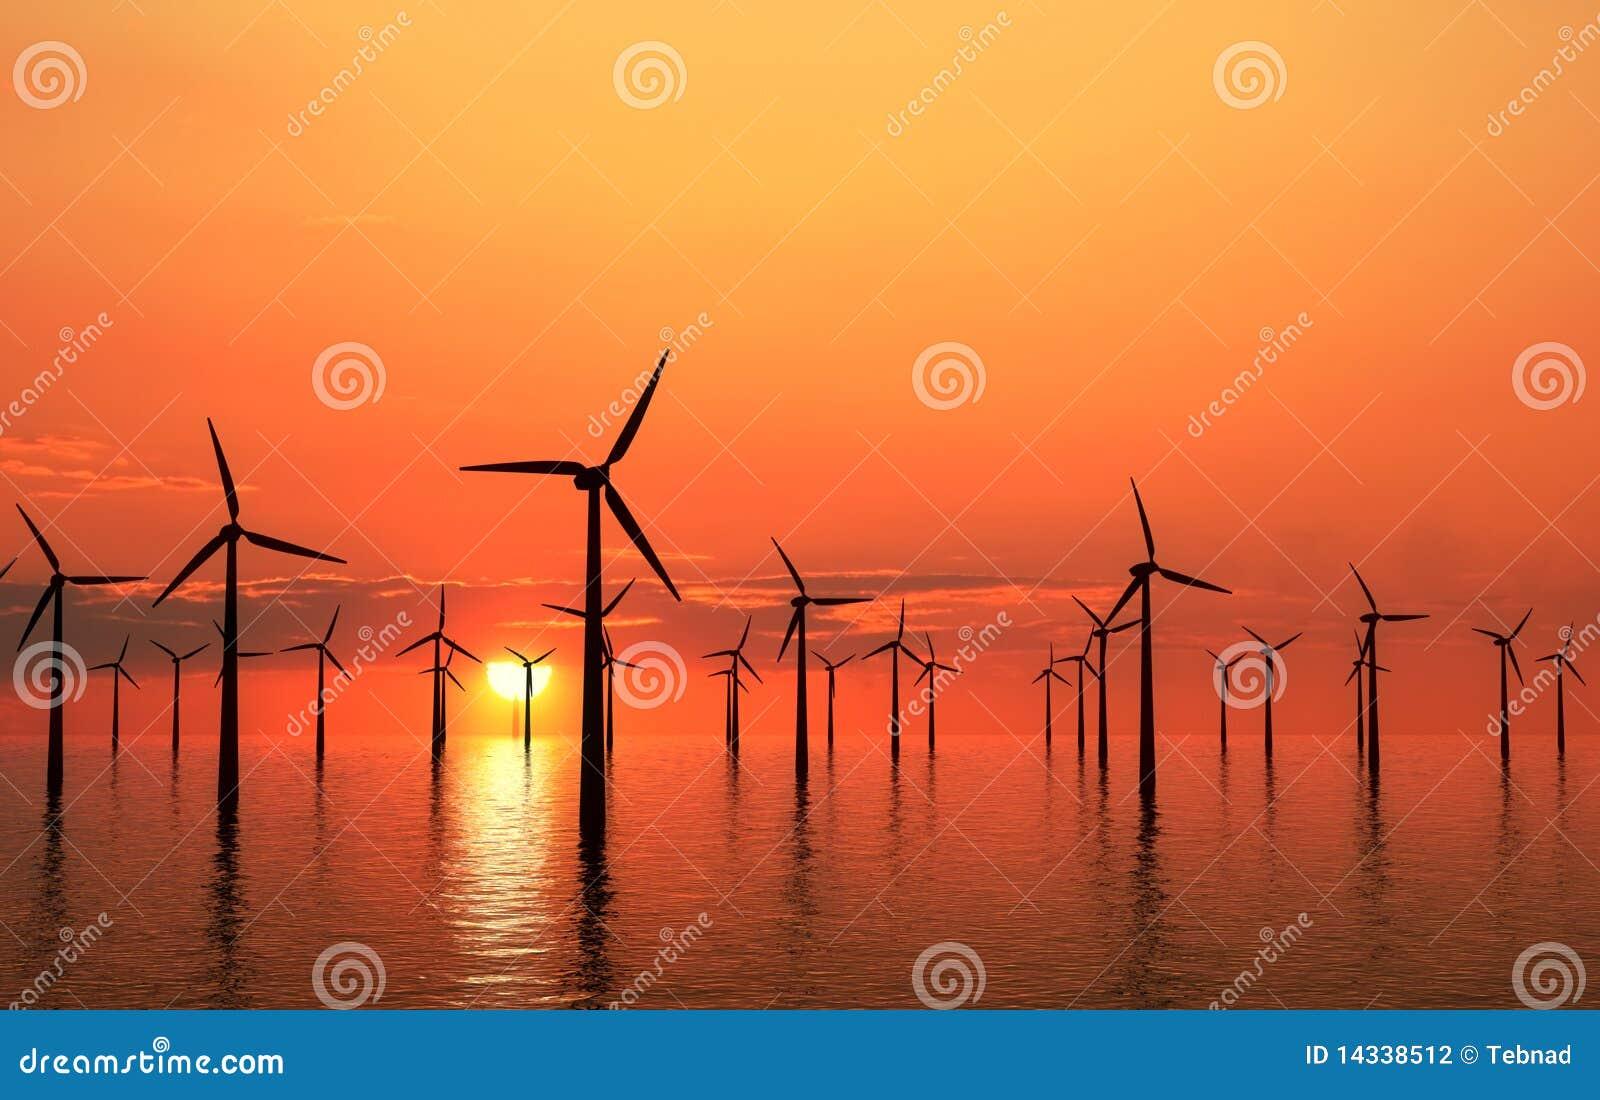 沿海风轮机日落